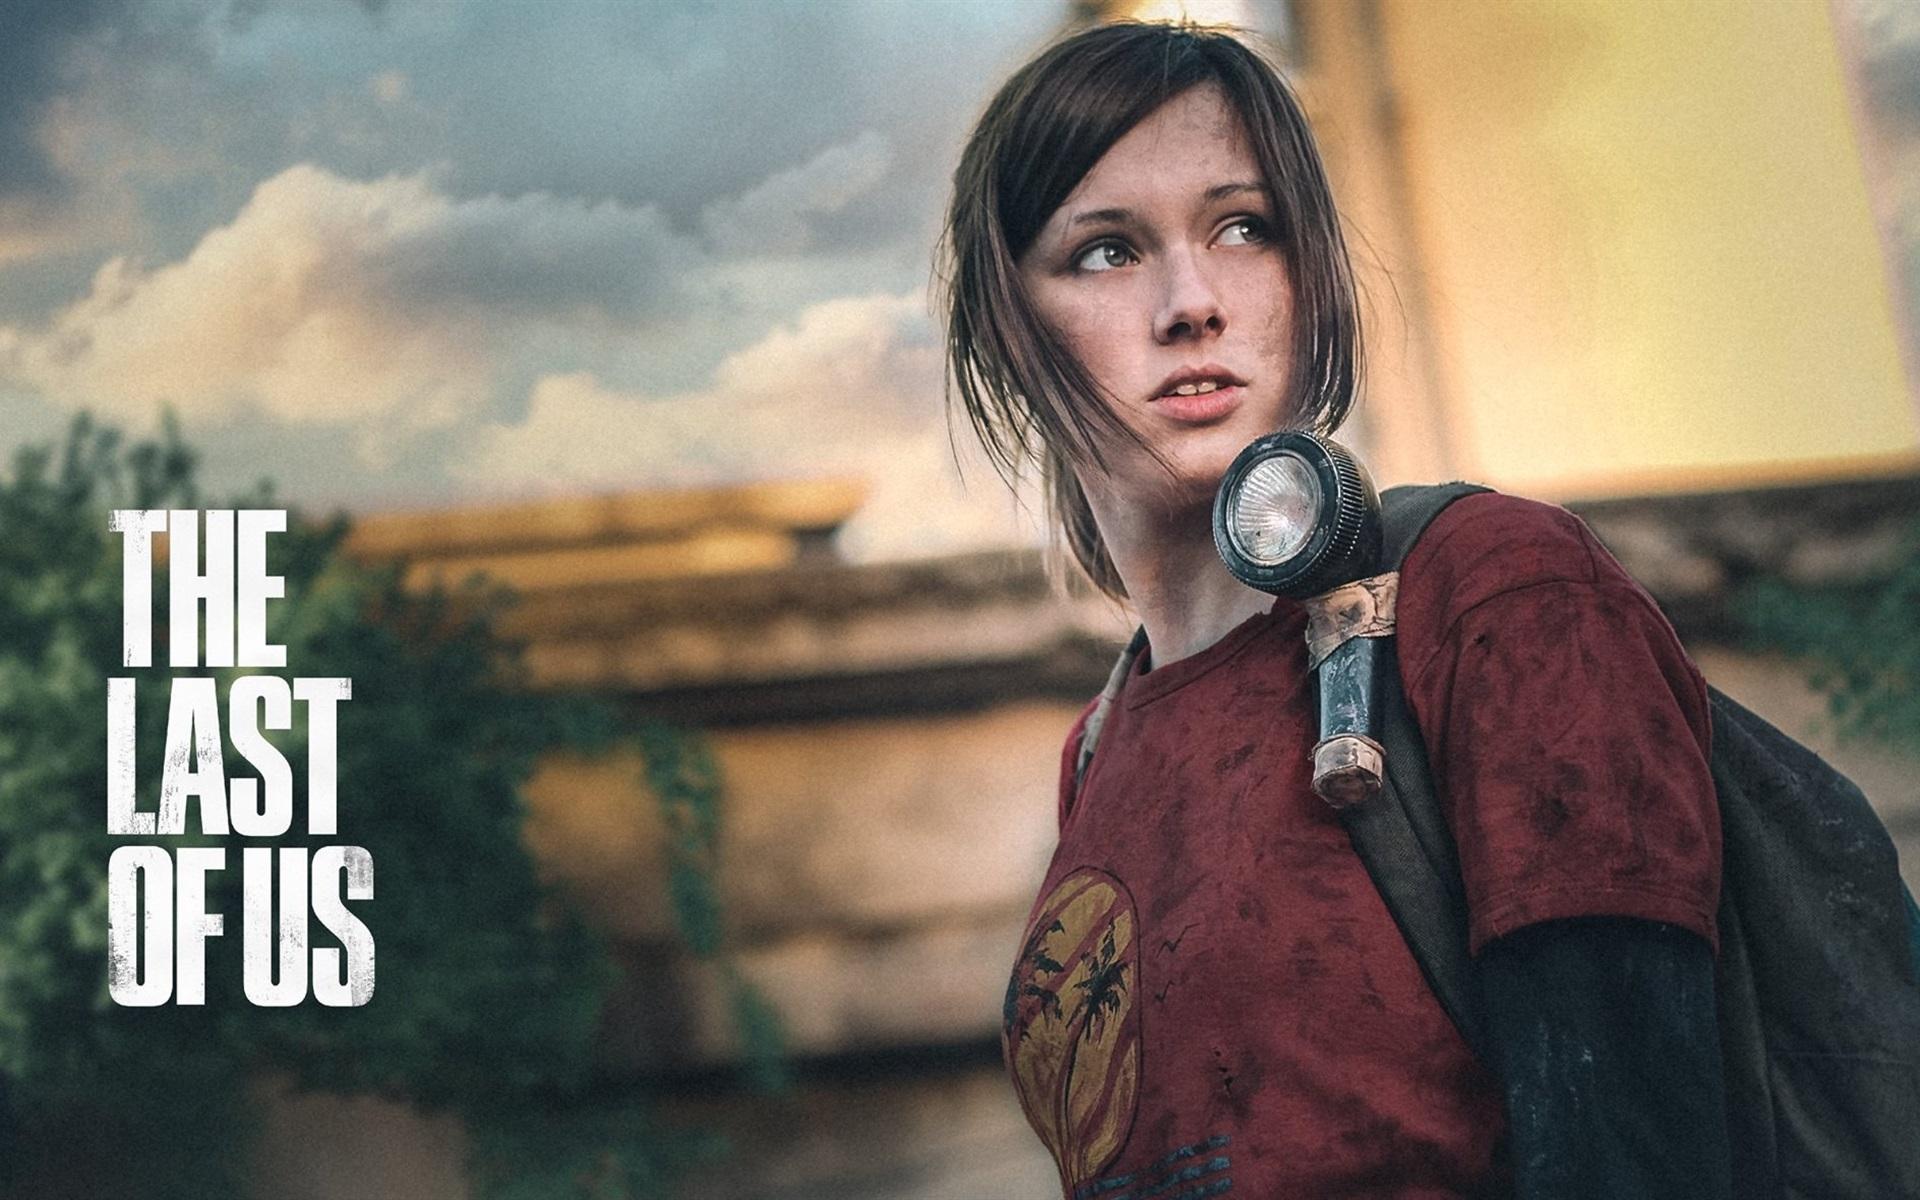 210 The Last Of Us Papéis De Parede Hd: Papéis De Parede The Last Of Us, Jogo De Cosplay 1920x1200